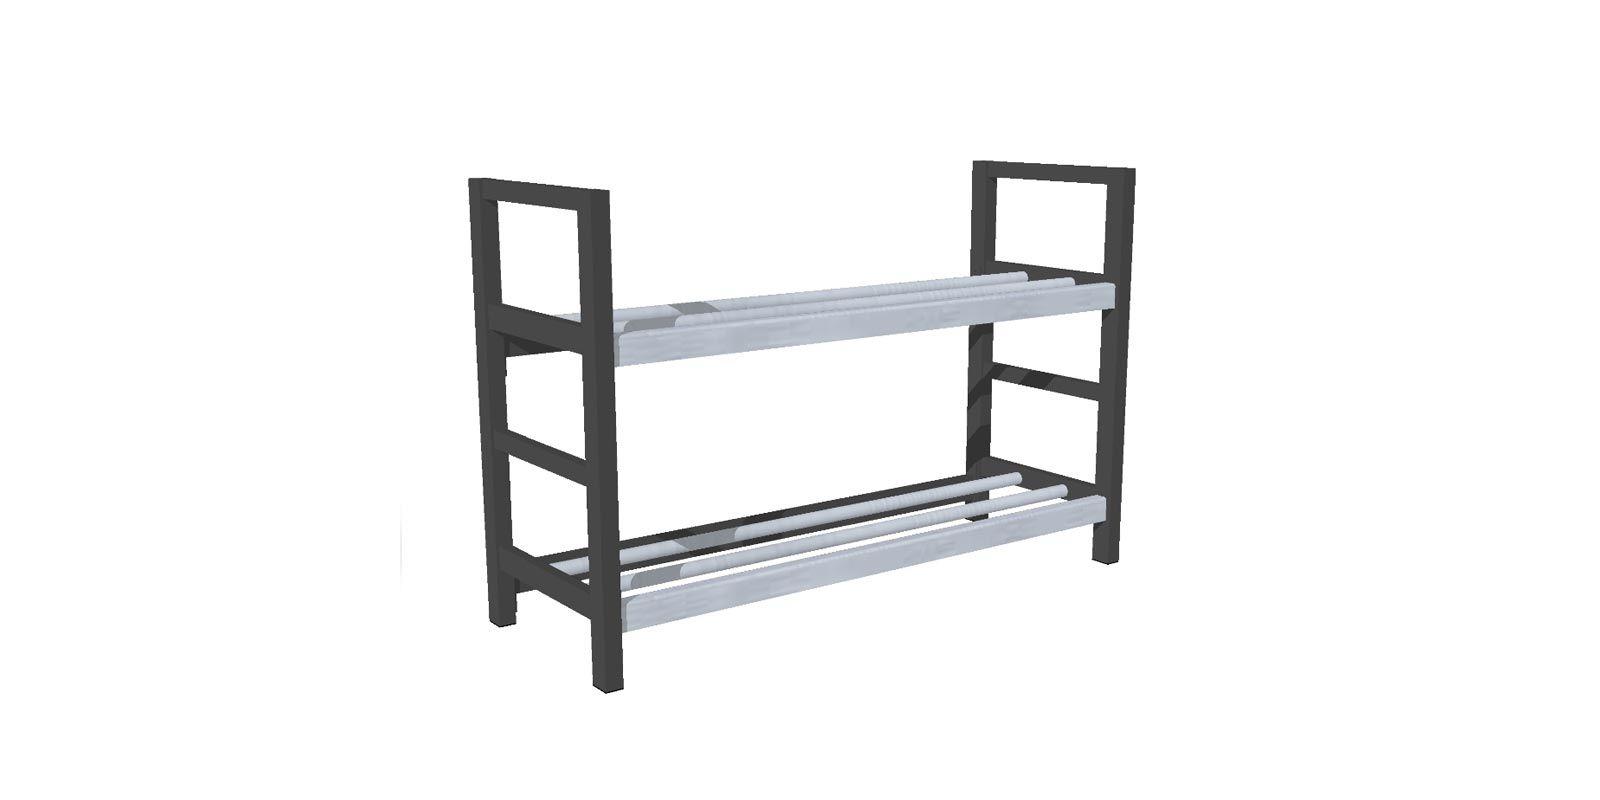 Tassenrek met twee planken - WHTR02 (1)